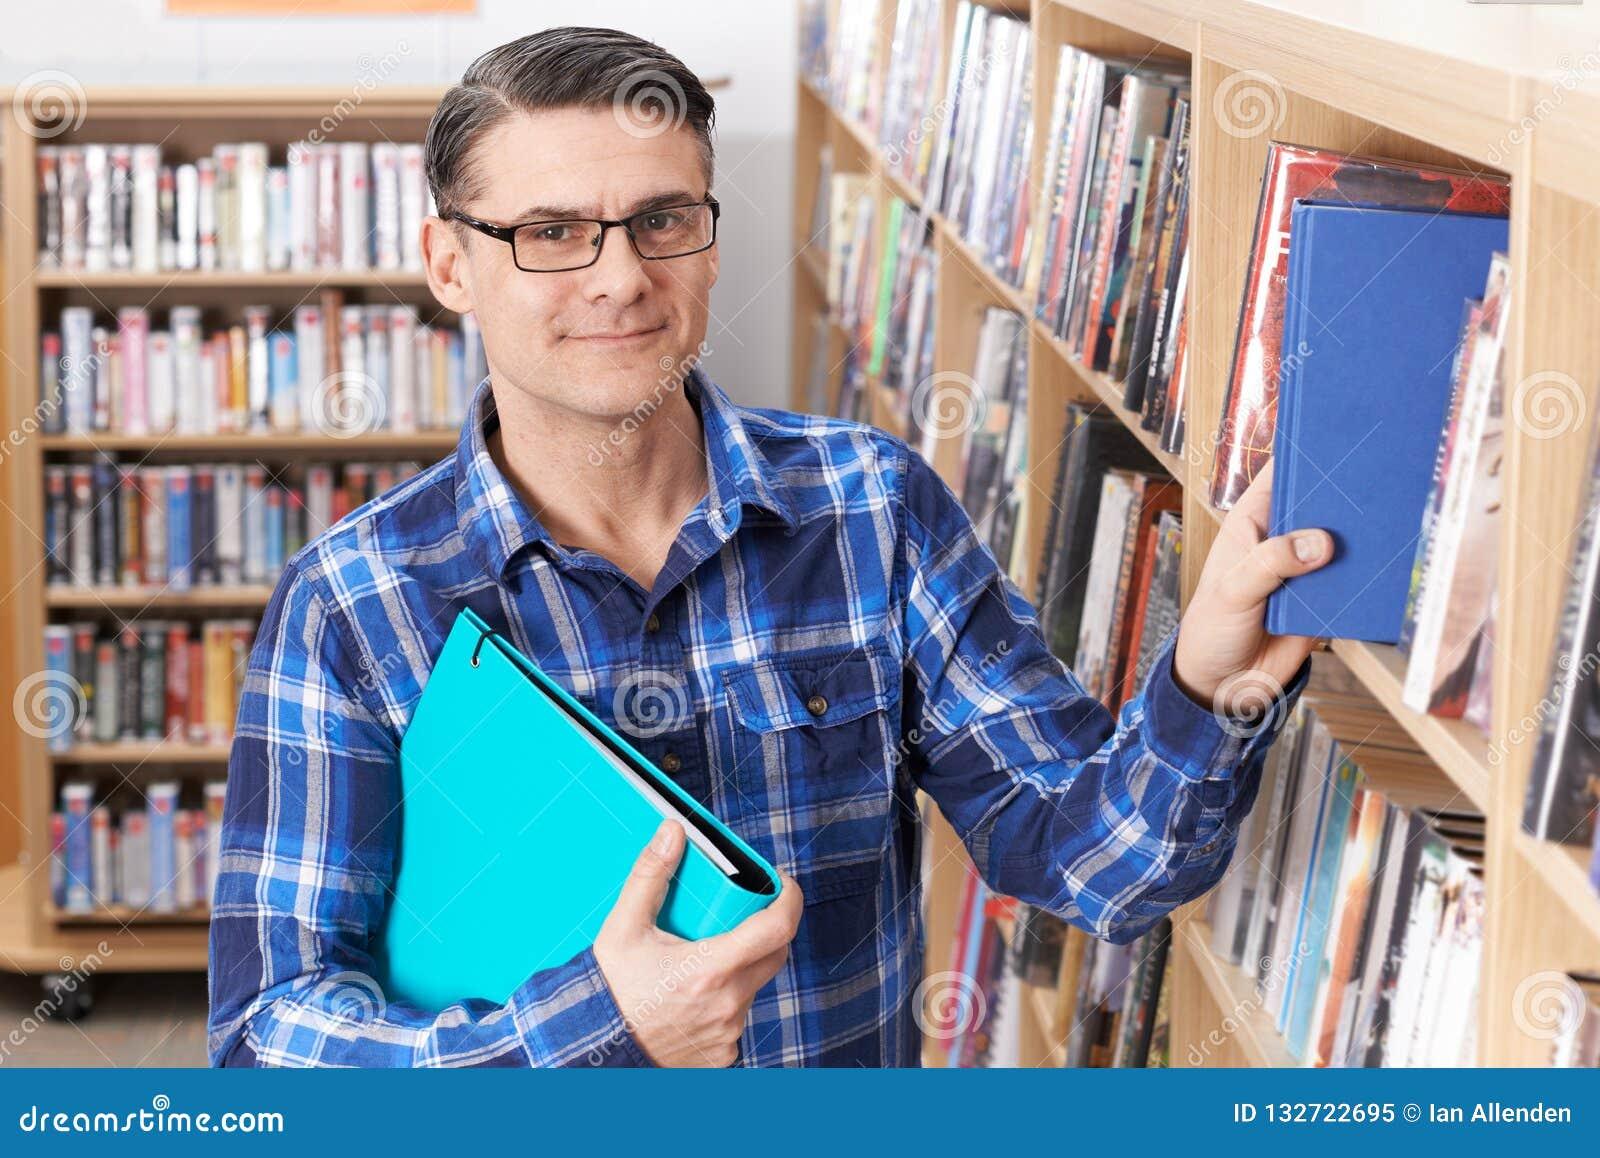 Πορτρέτο της ώριμης μελέτης ανδρών σπουδαστών στη βιβλιοθήκη